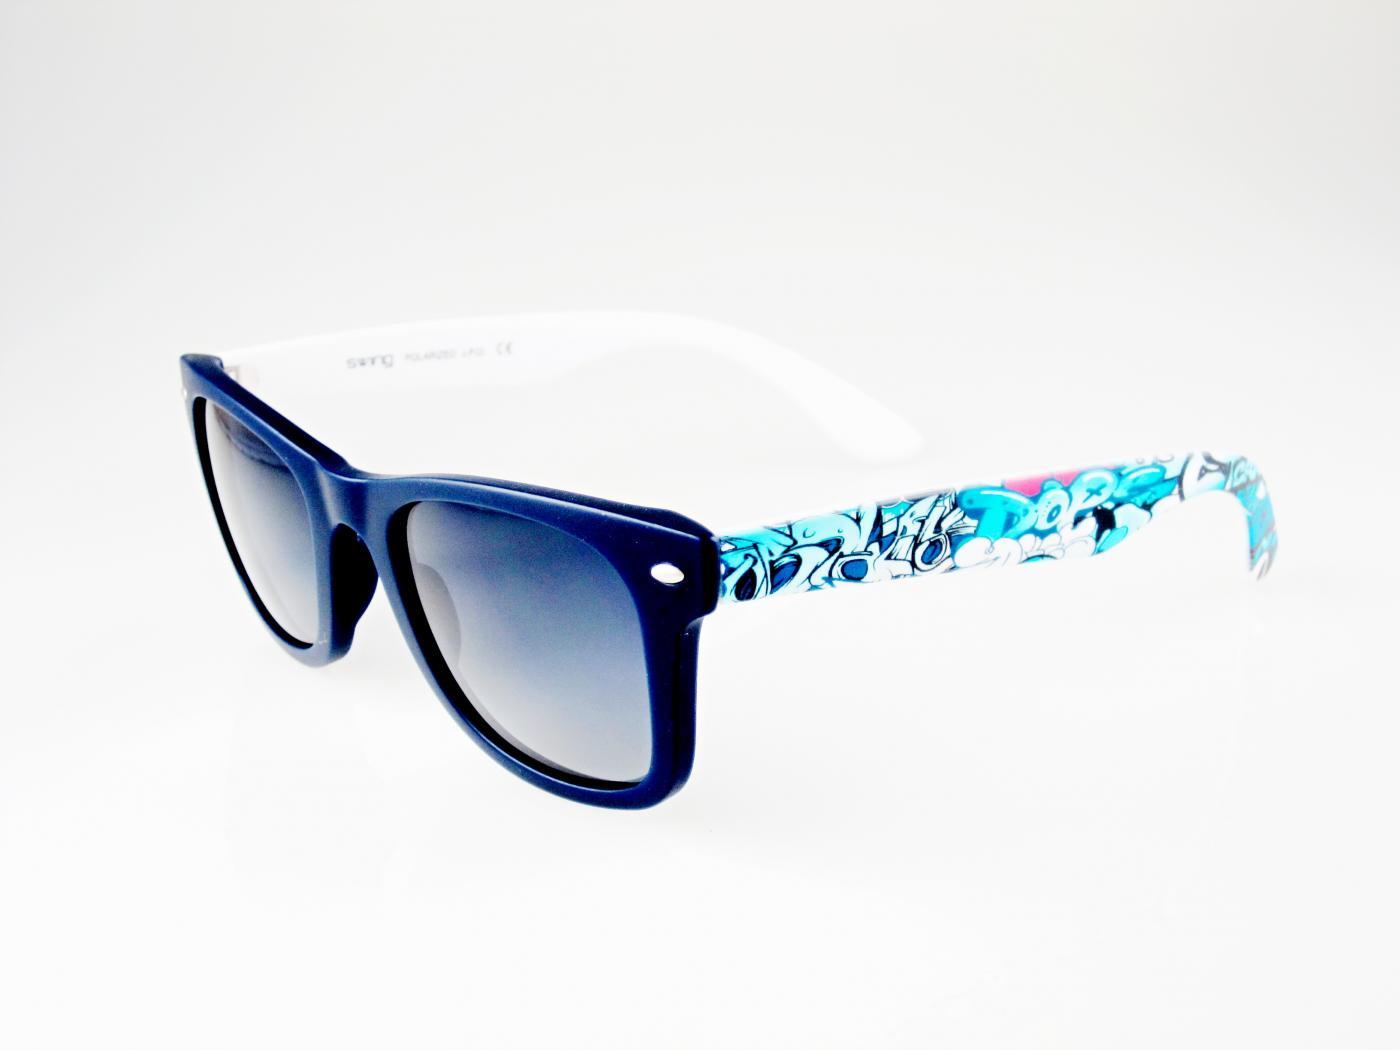 735c8fa74 Unisex slnečné okuliare SWING | oftalens.sk